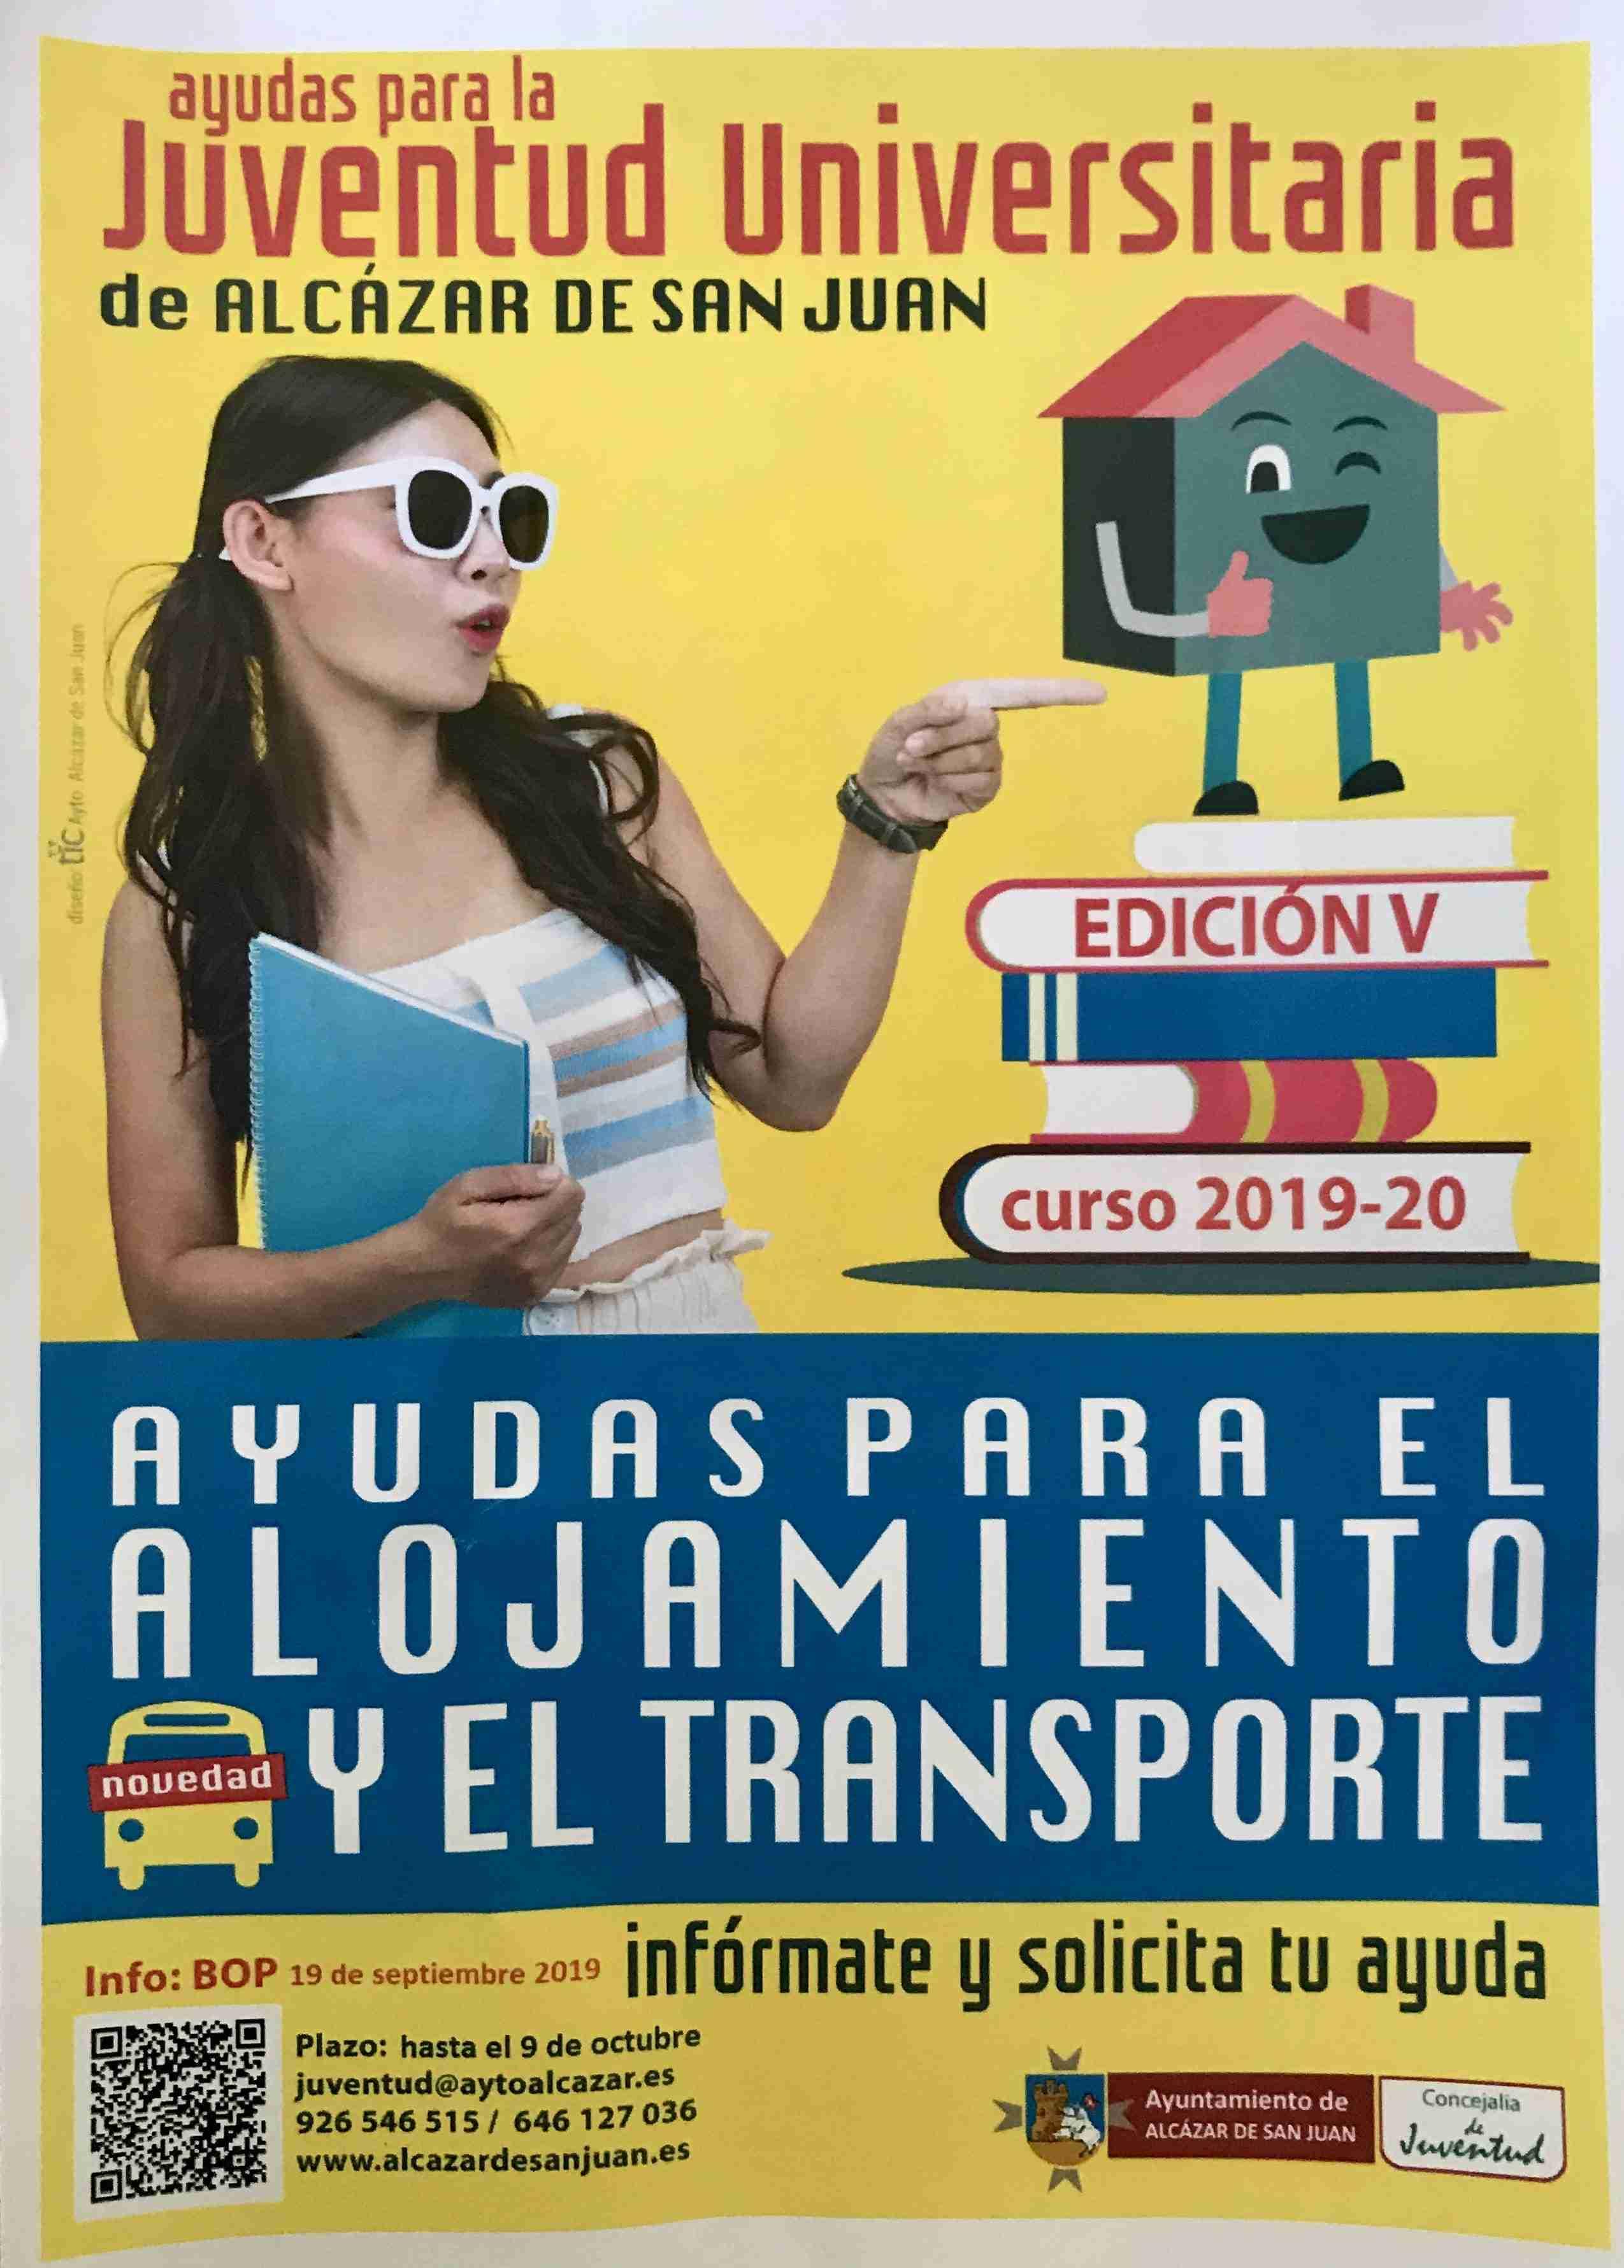 Alcázar de San Juan promueve un año más ayudas para la juventud universitaria 1